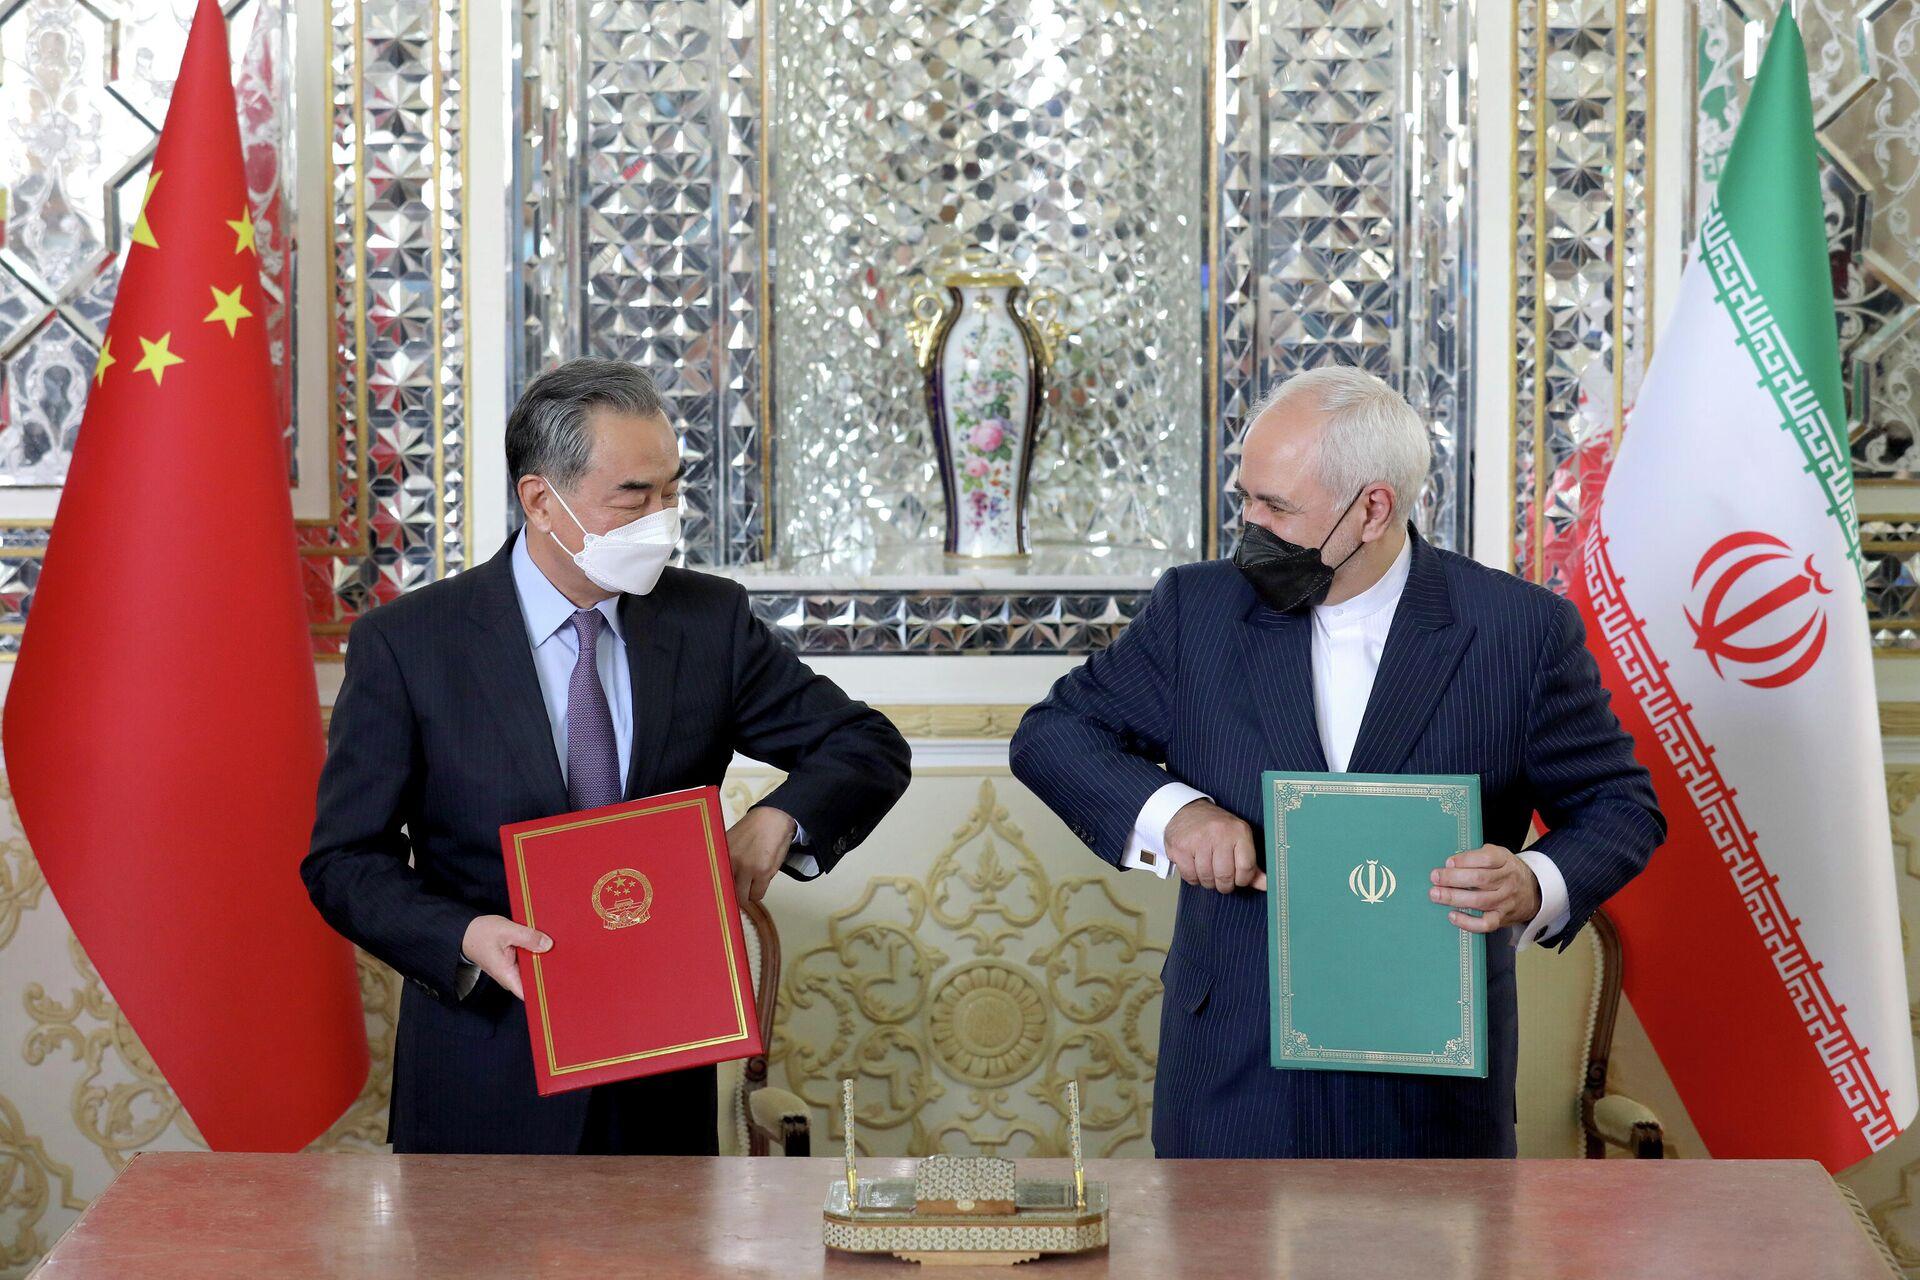 Министр иностранных дел Китая Ван И и министр иностранных дел Ирана Мохаммад Джавад Зариф во время подписания соглашения о всеобъемлющем стратегическом партнерстве в Тегеране - РИА Новости, 1920, 10.06.2021